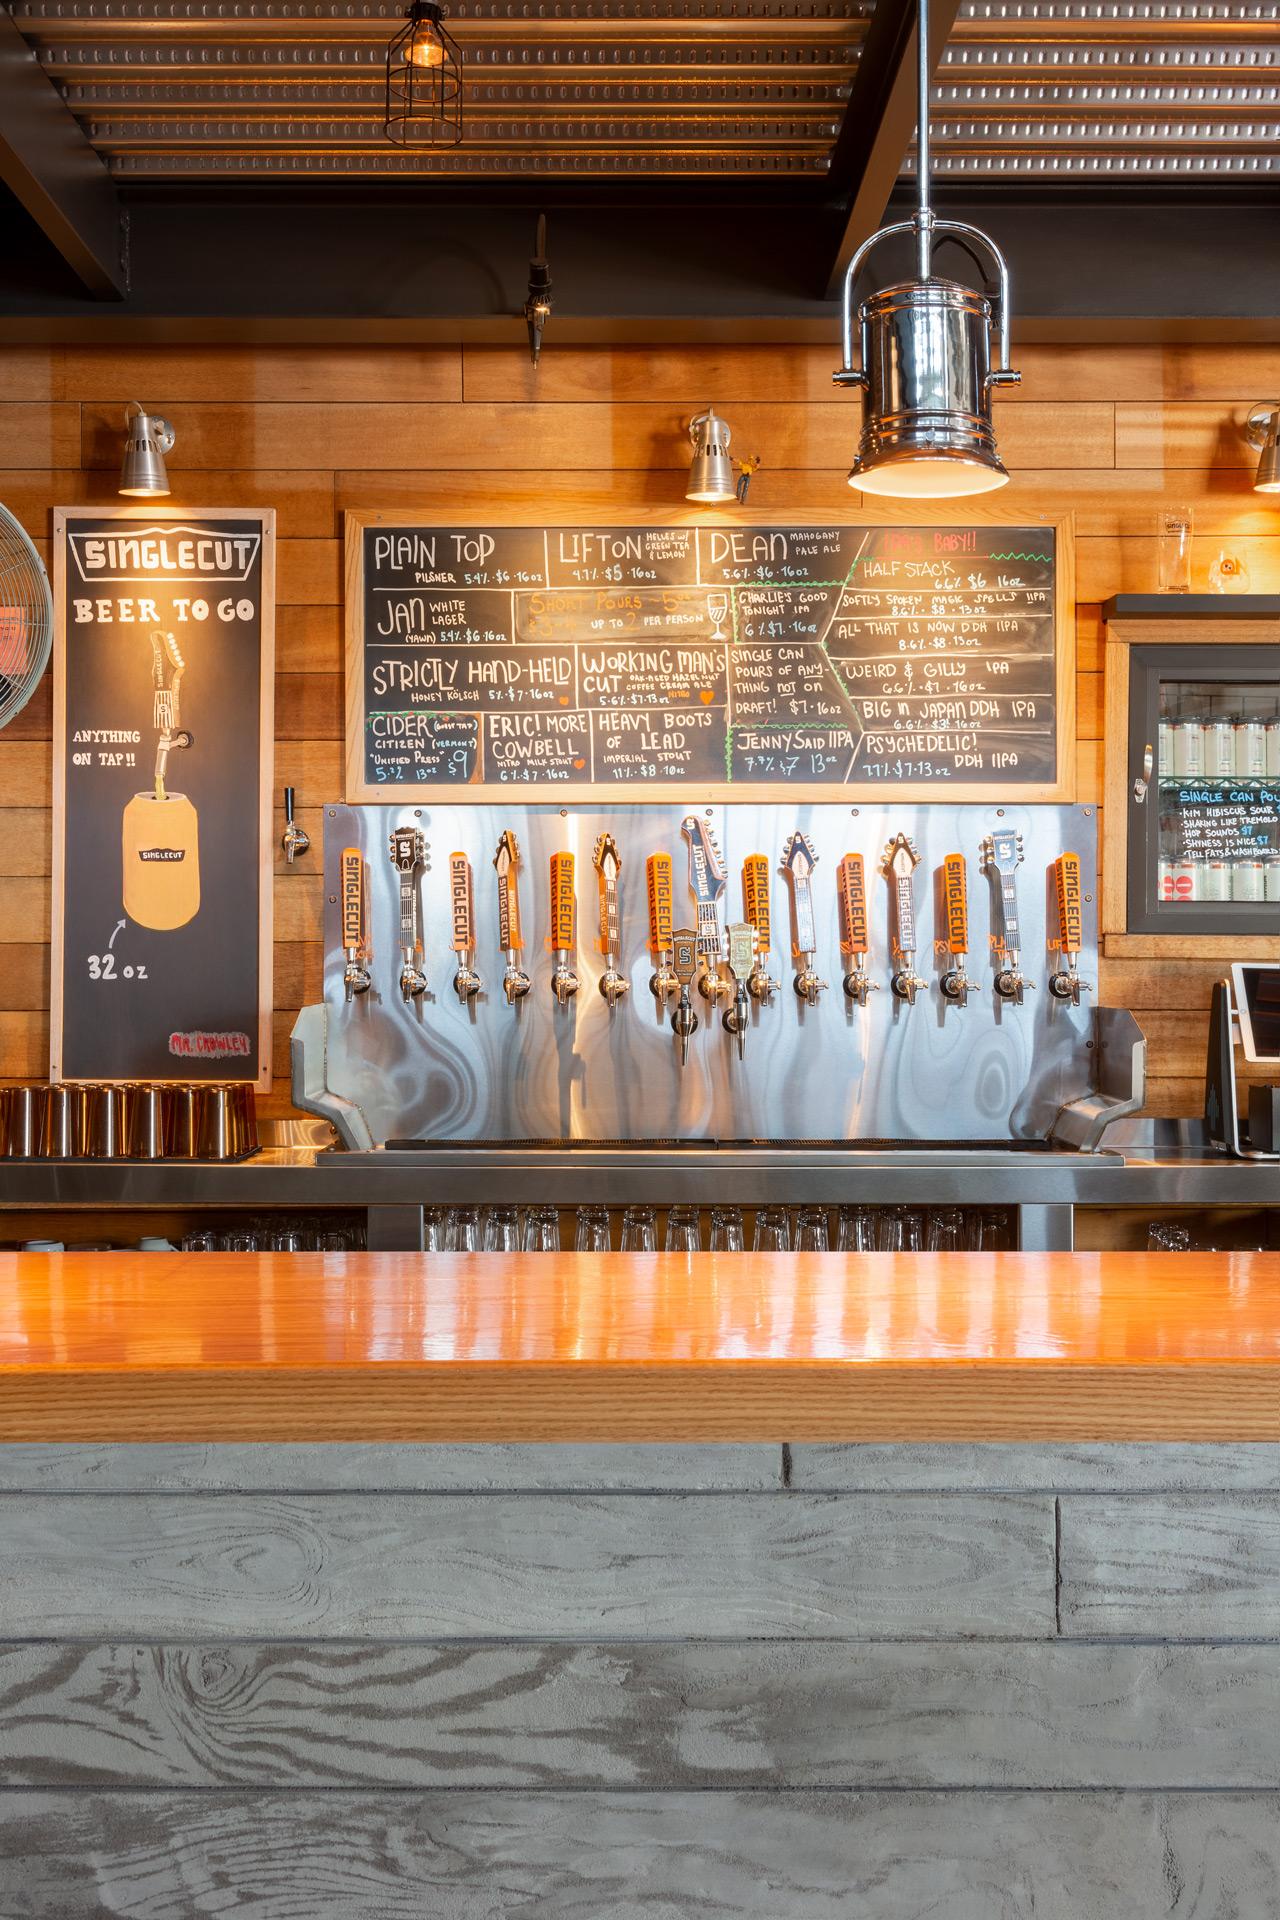 Singlecut Beersmiths restaurant design